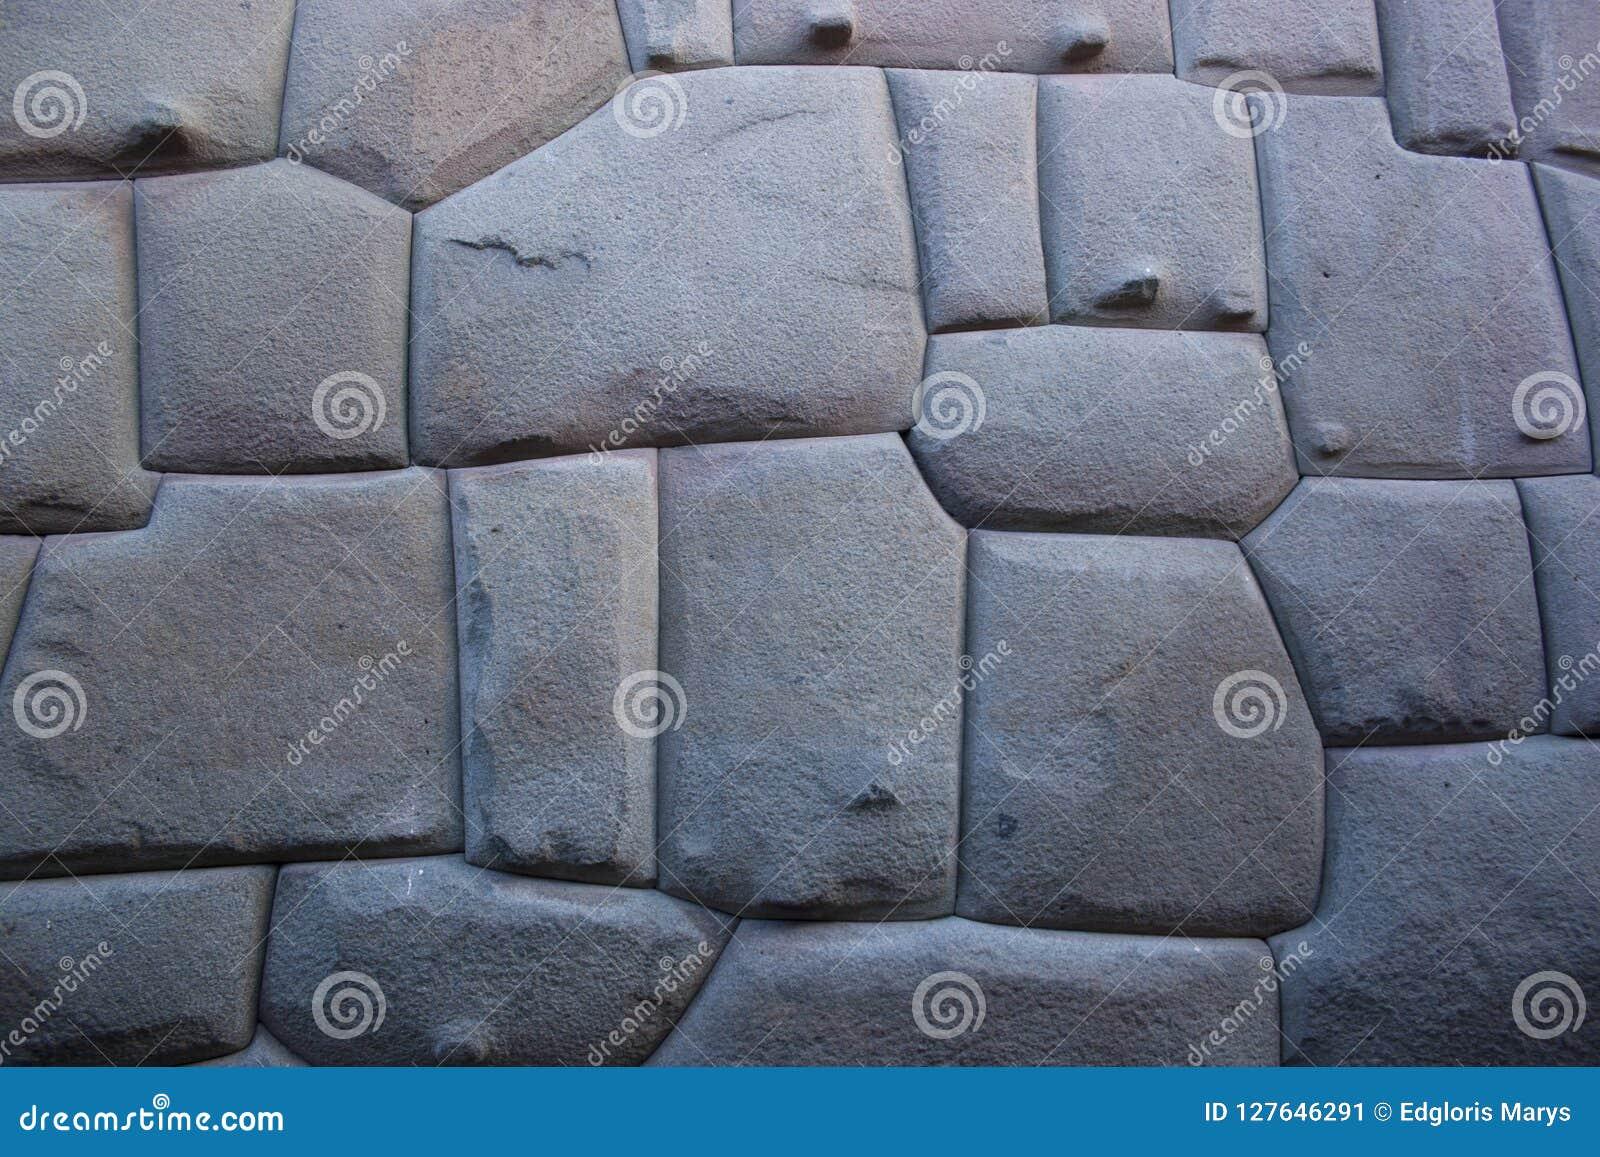 Διάσημο Inca ψάρεψε την πέτρα στον τοίχο Hatun Rumiyoc, ένα archeological χειροποίητο αντικείμενο σε Cuzco, Περού